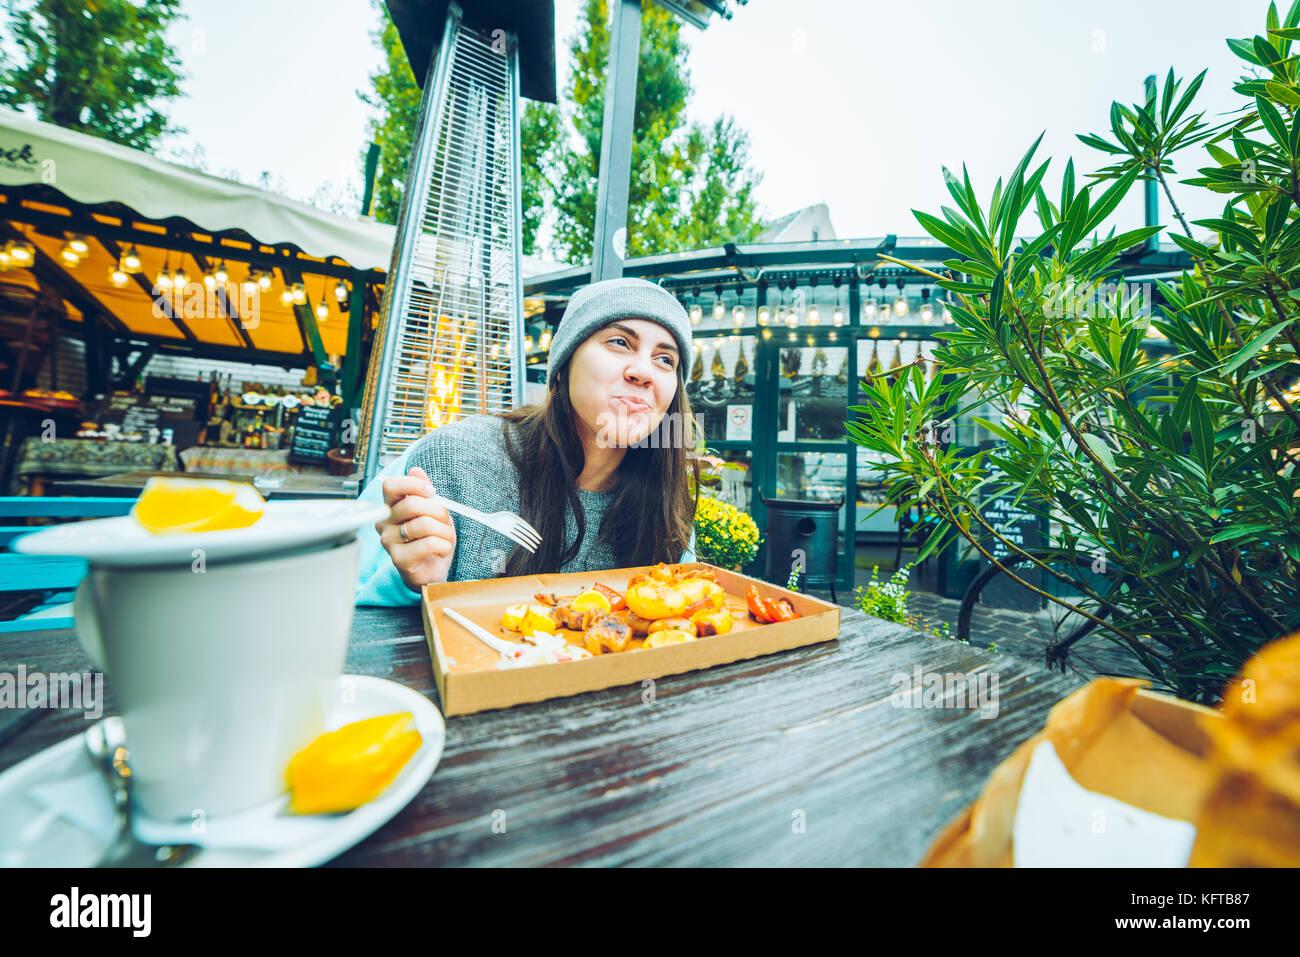 Bella donna di mangiare fuori cafe Immagini Stock